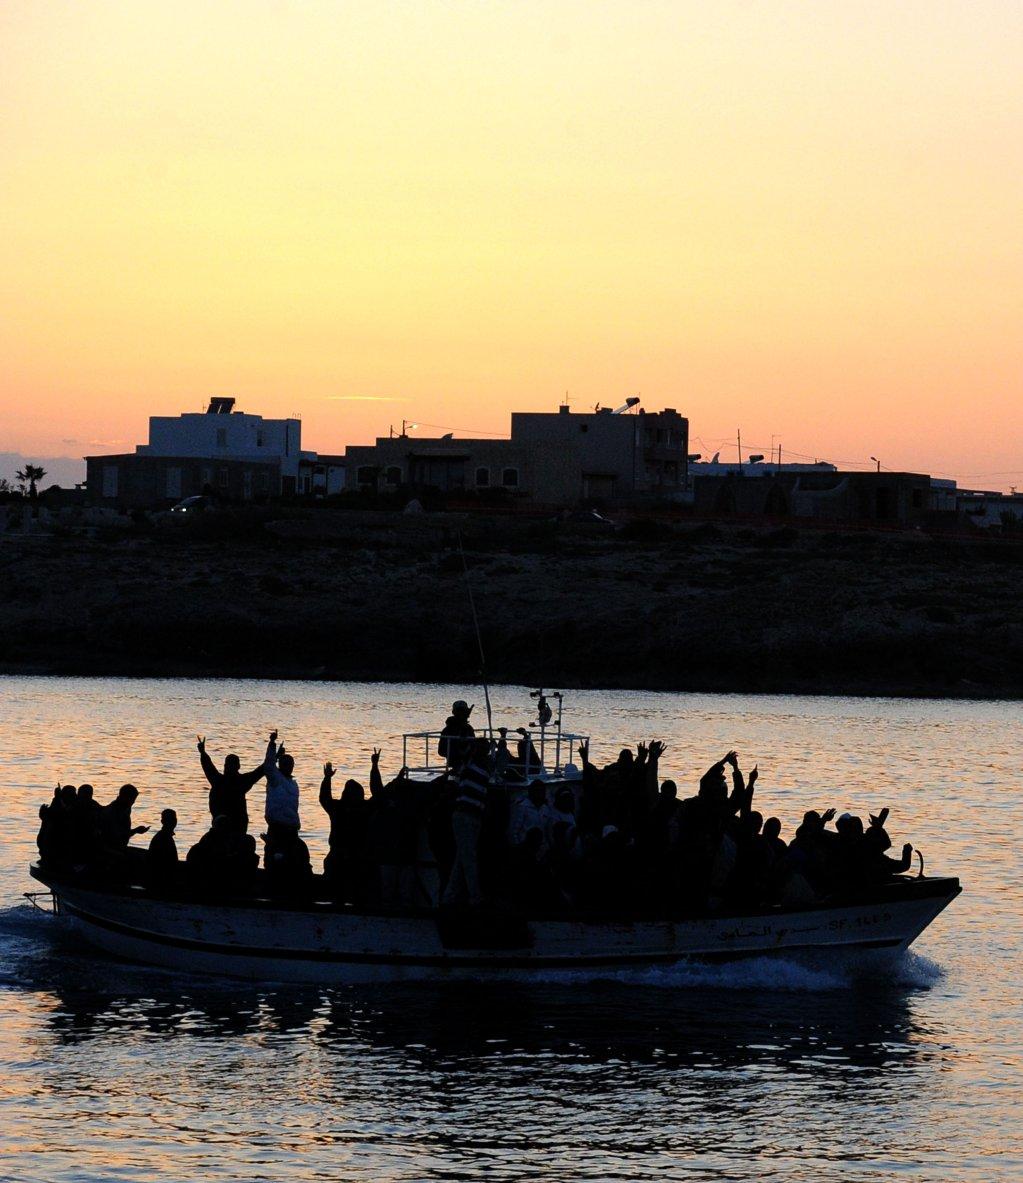 ANSA / قارب يقل مهاجرين تونسيين يدخل إلى ميناء لامبيدوزا. المصدر: أنسا/ إتوري فيراري.